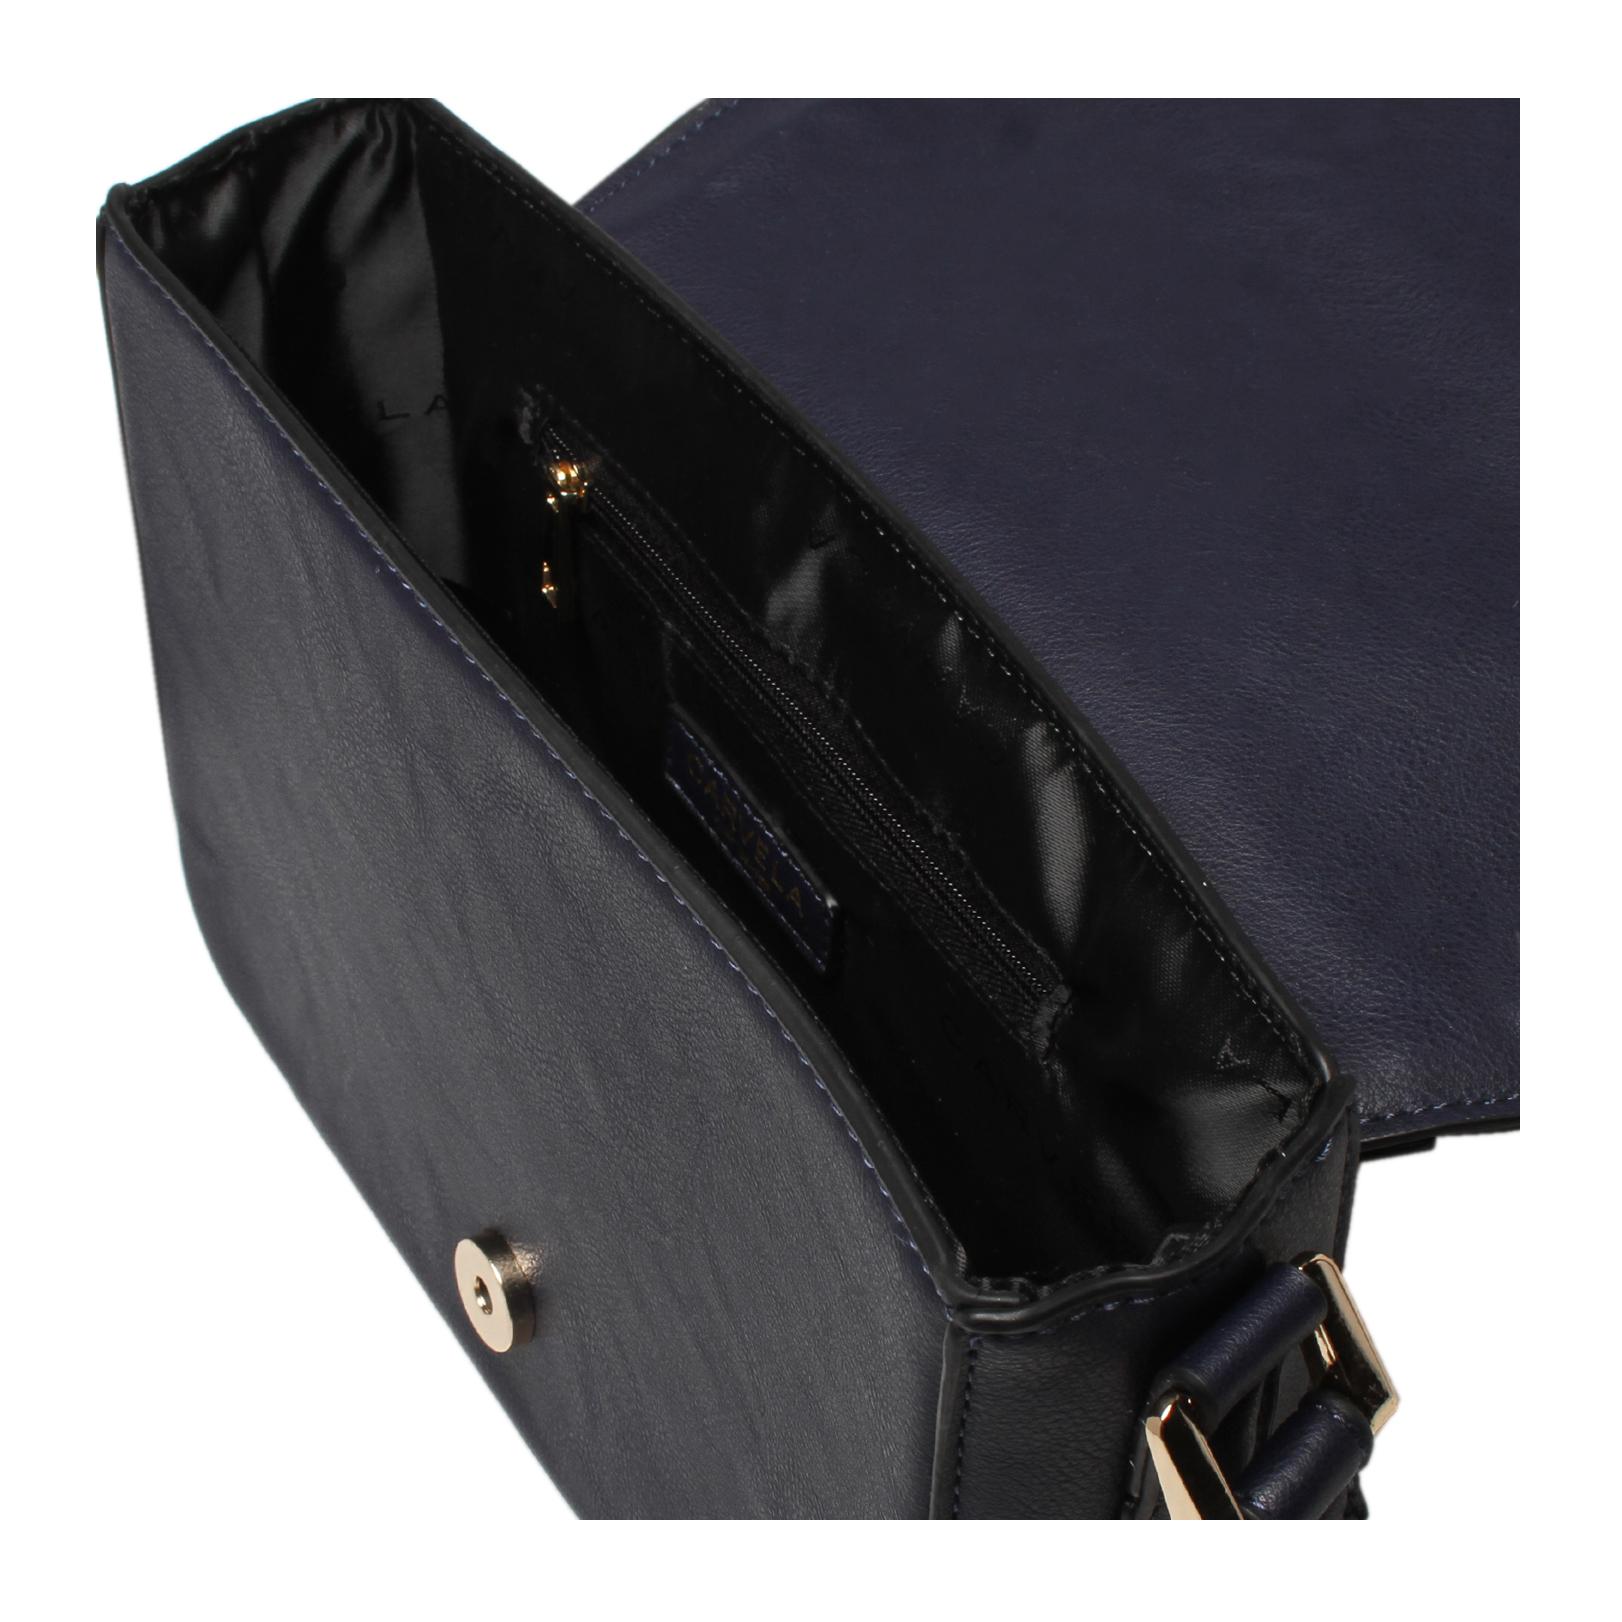 f8e968bd88 CALE X BODY FUR BAG Carvela Cale Navy Fur Crossbody Bag by CARVELA